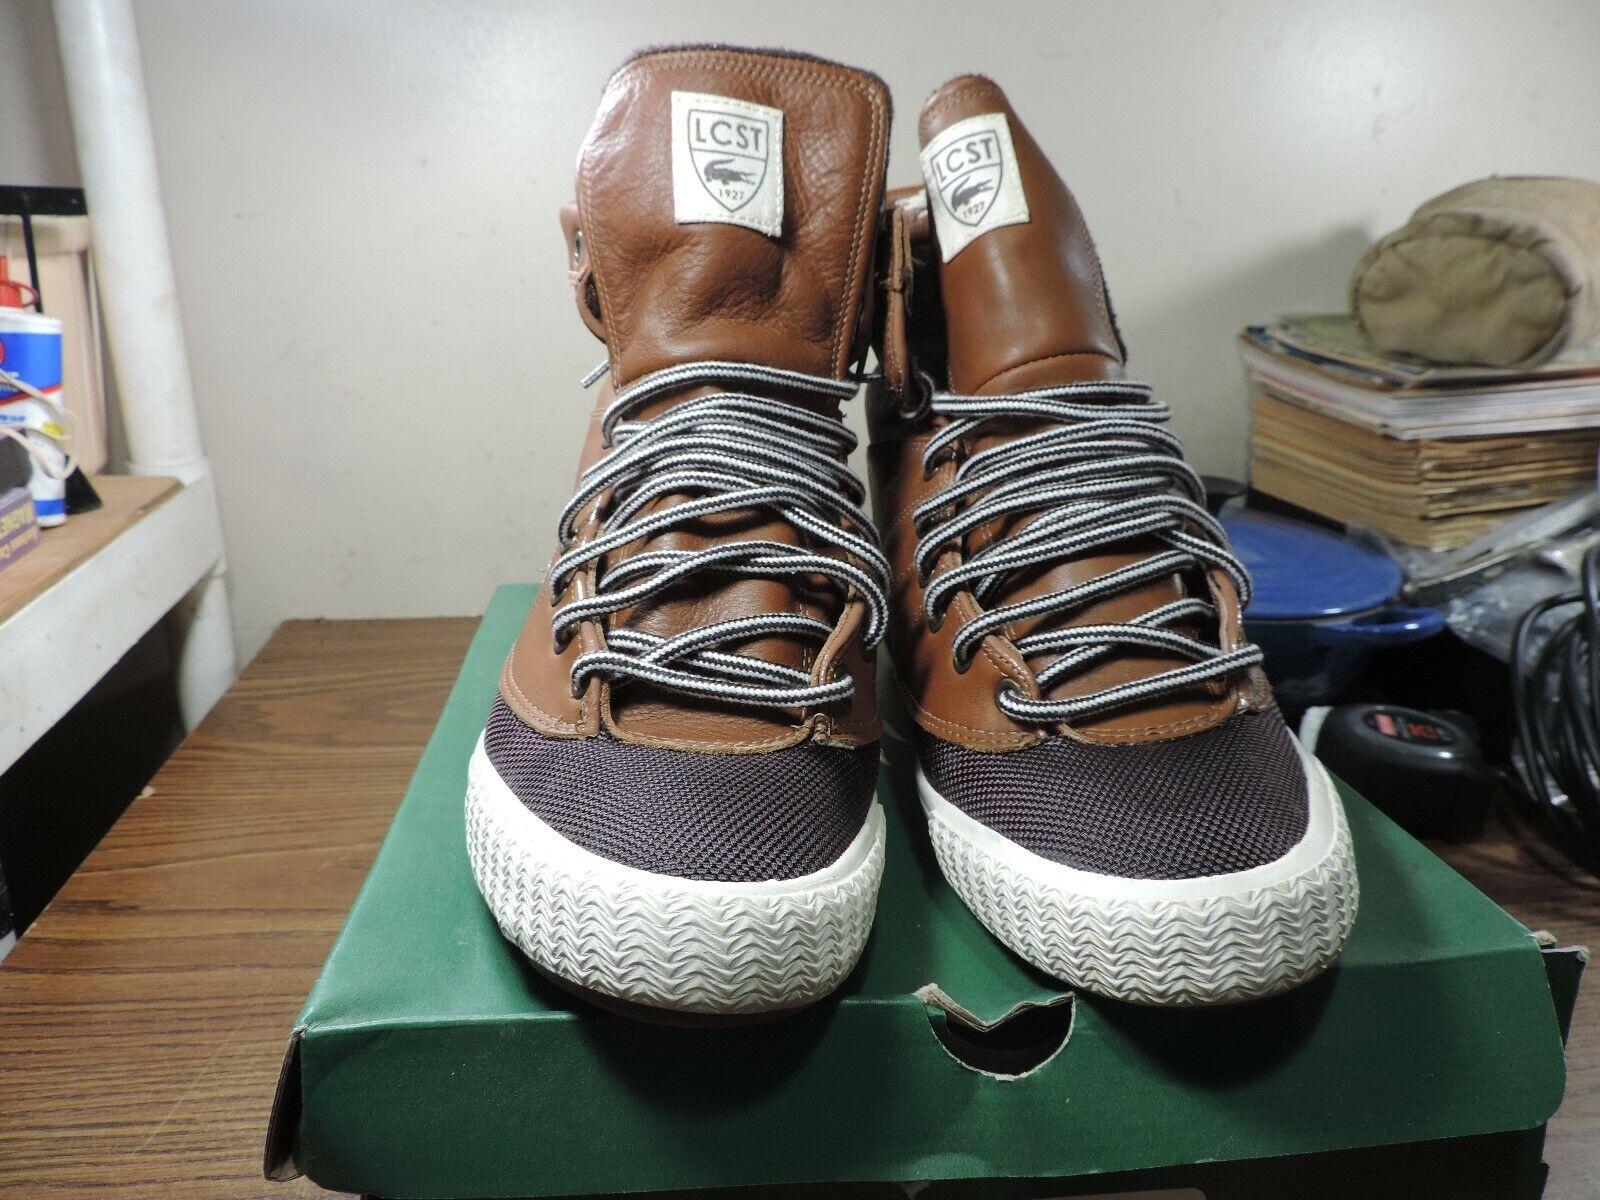 Lacoste Boots shoes Avignon MB SPM Brown DRK Brwn 7-23spm3206267 SZ 11